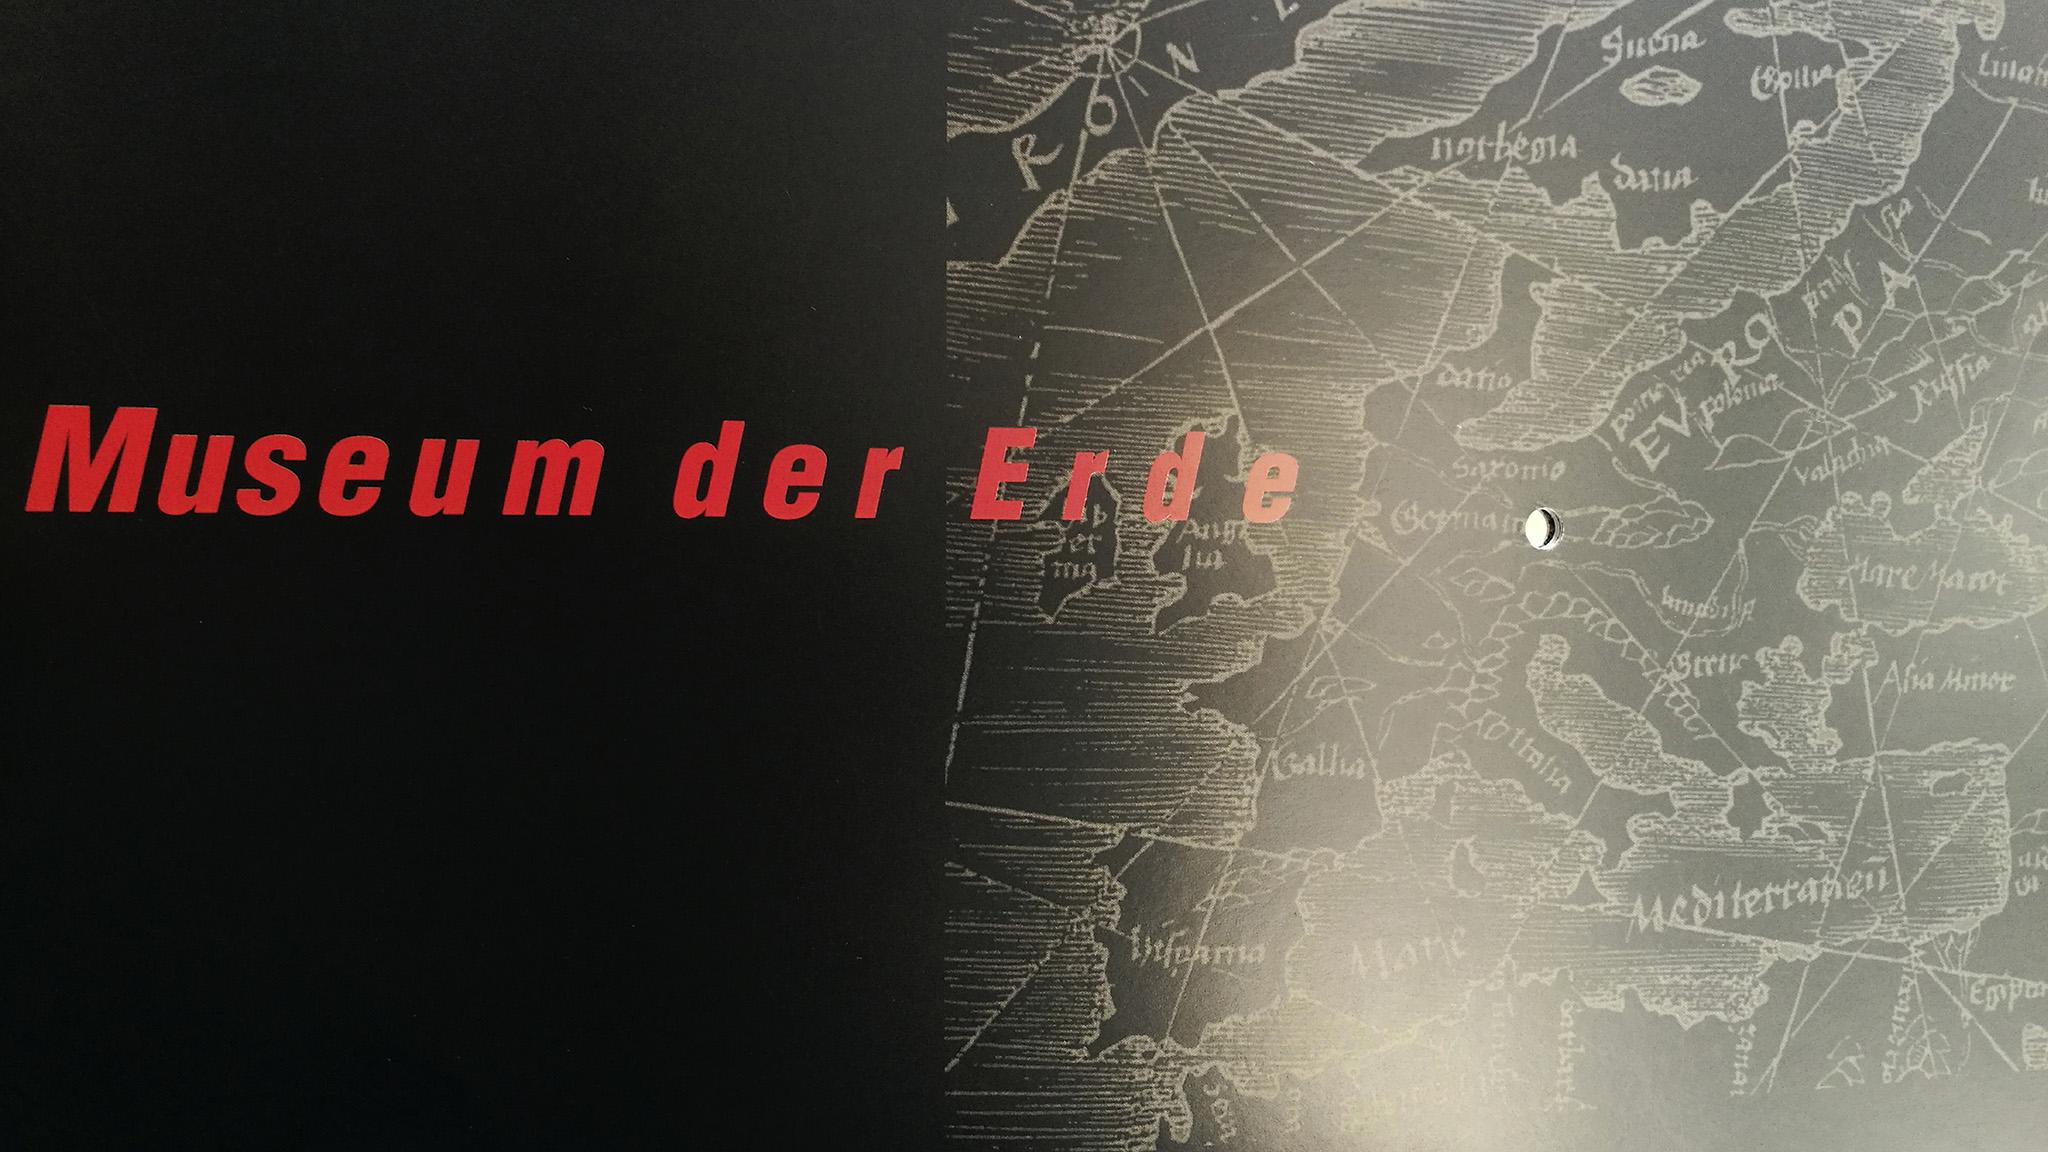 Museum der Erde 2048x1152px